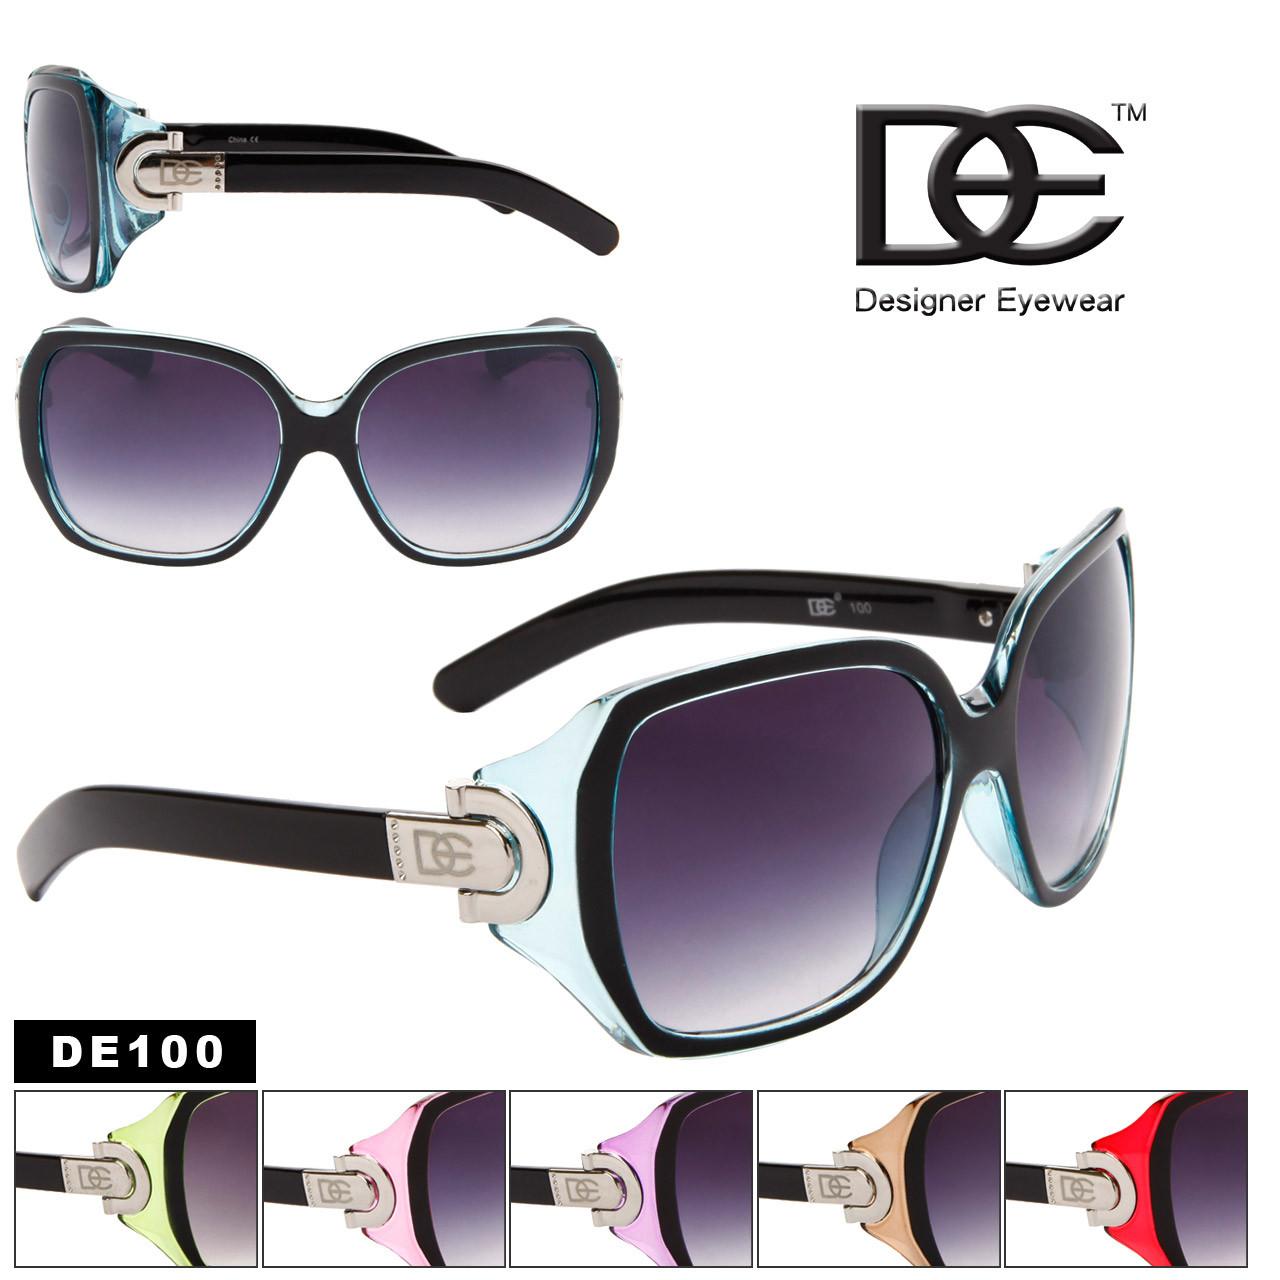 Wholesale Fashion Sunglasses DE100 (Assorted Colors) (12 pcs.)